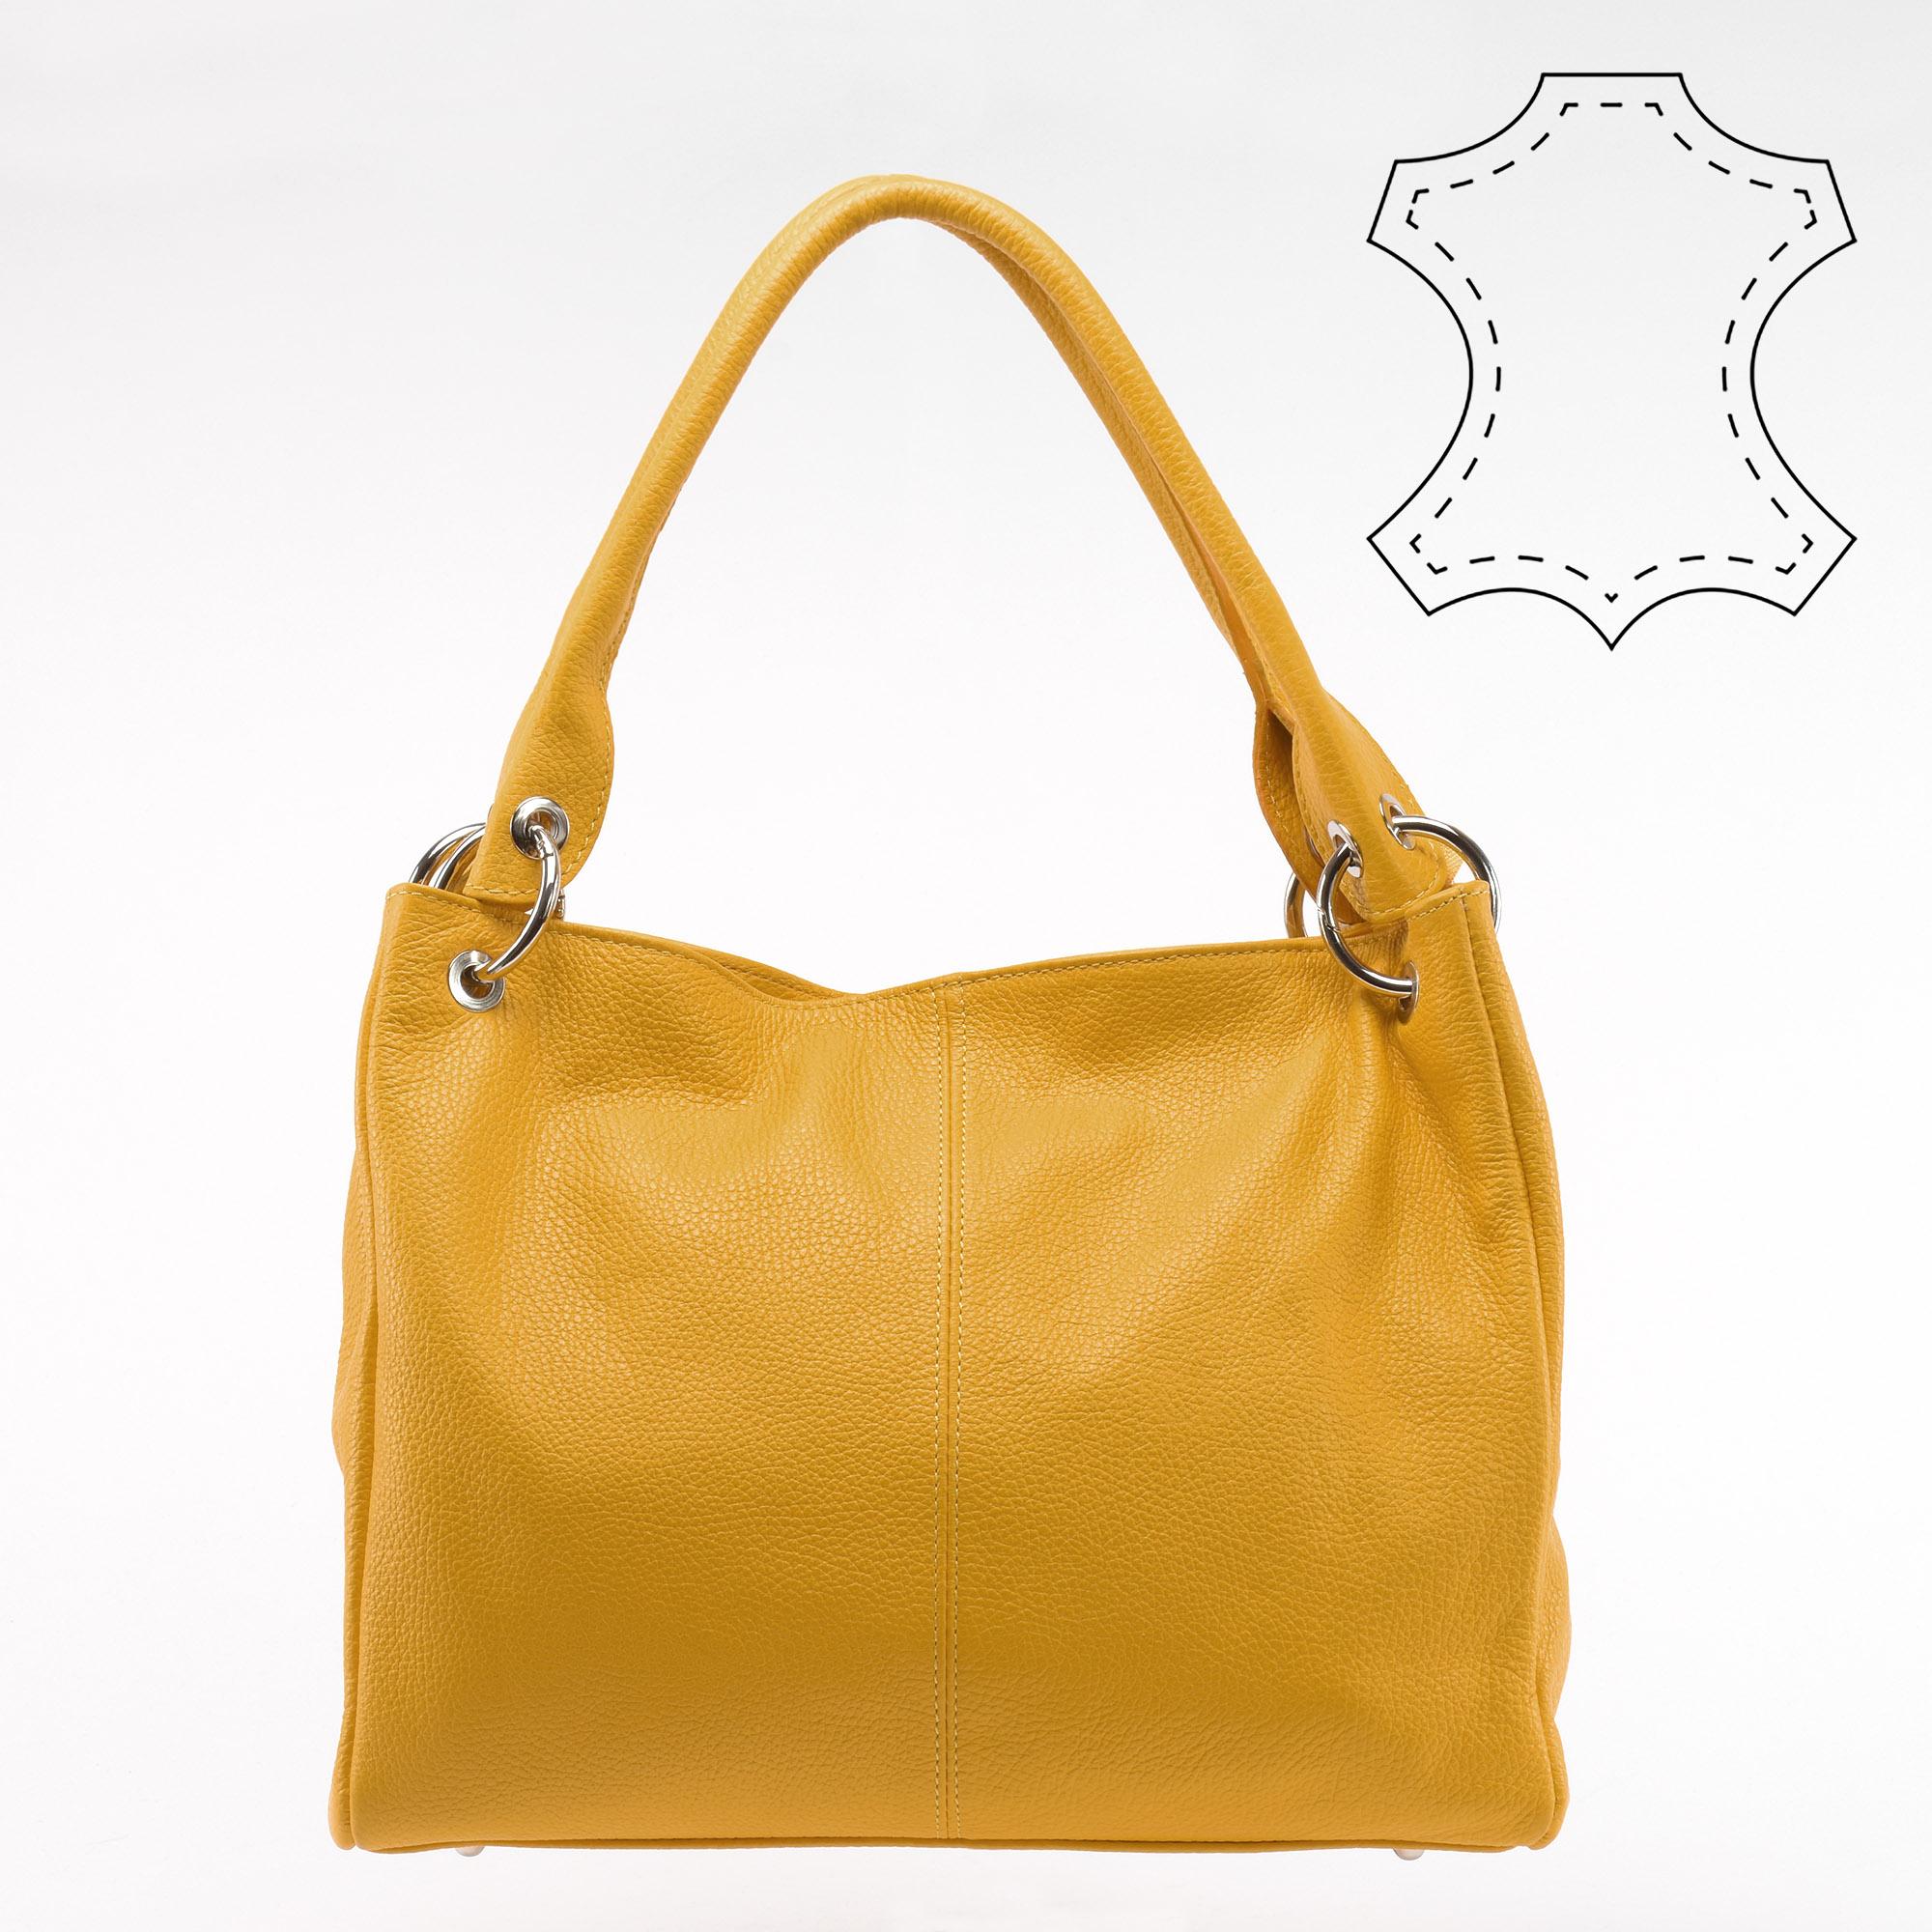 e0233bd5b60b Sárga Női Valódi Bőr Olasz Válltáska - Válltáskák - Táska webáruház - Minőségi  táskák mindenkinek